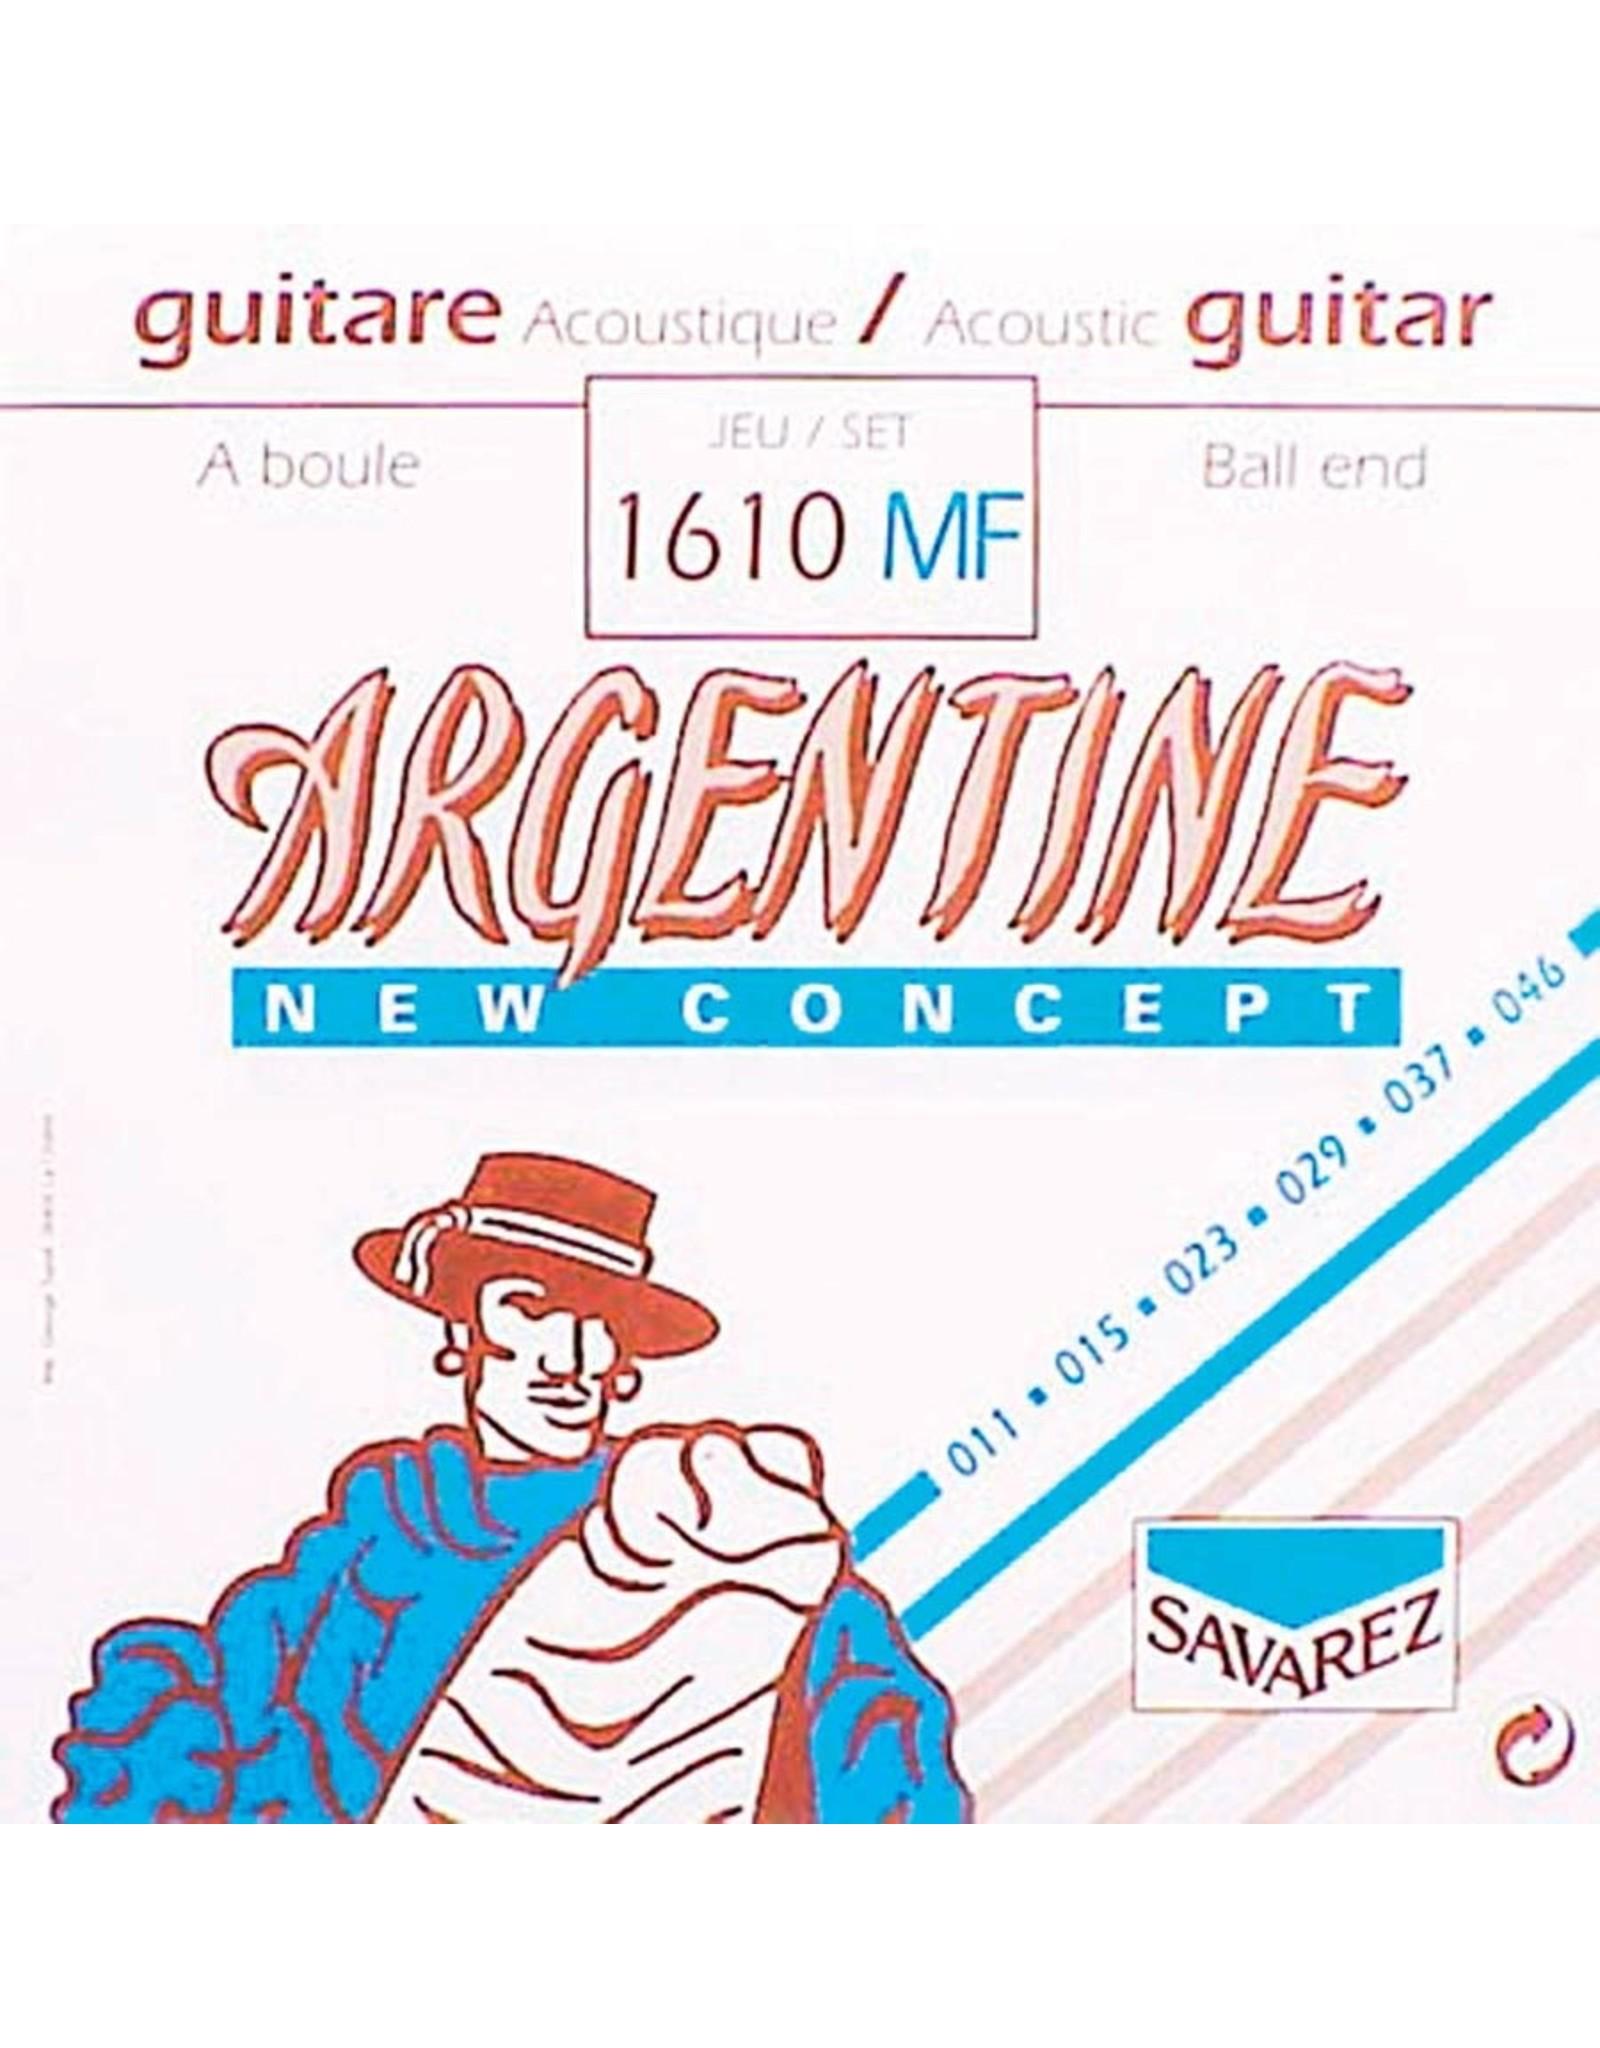 Argentine Argentine Gypsy New Concept 1610MF Snaren